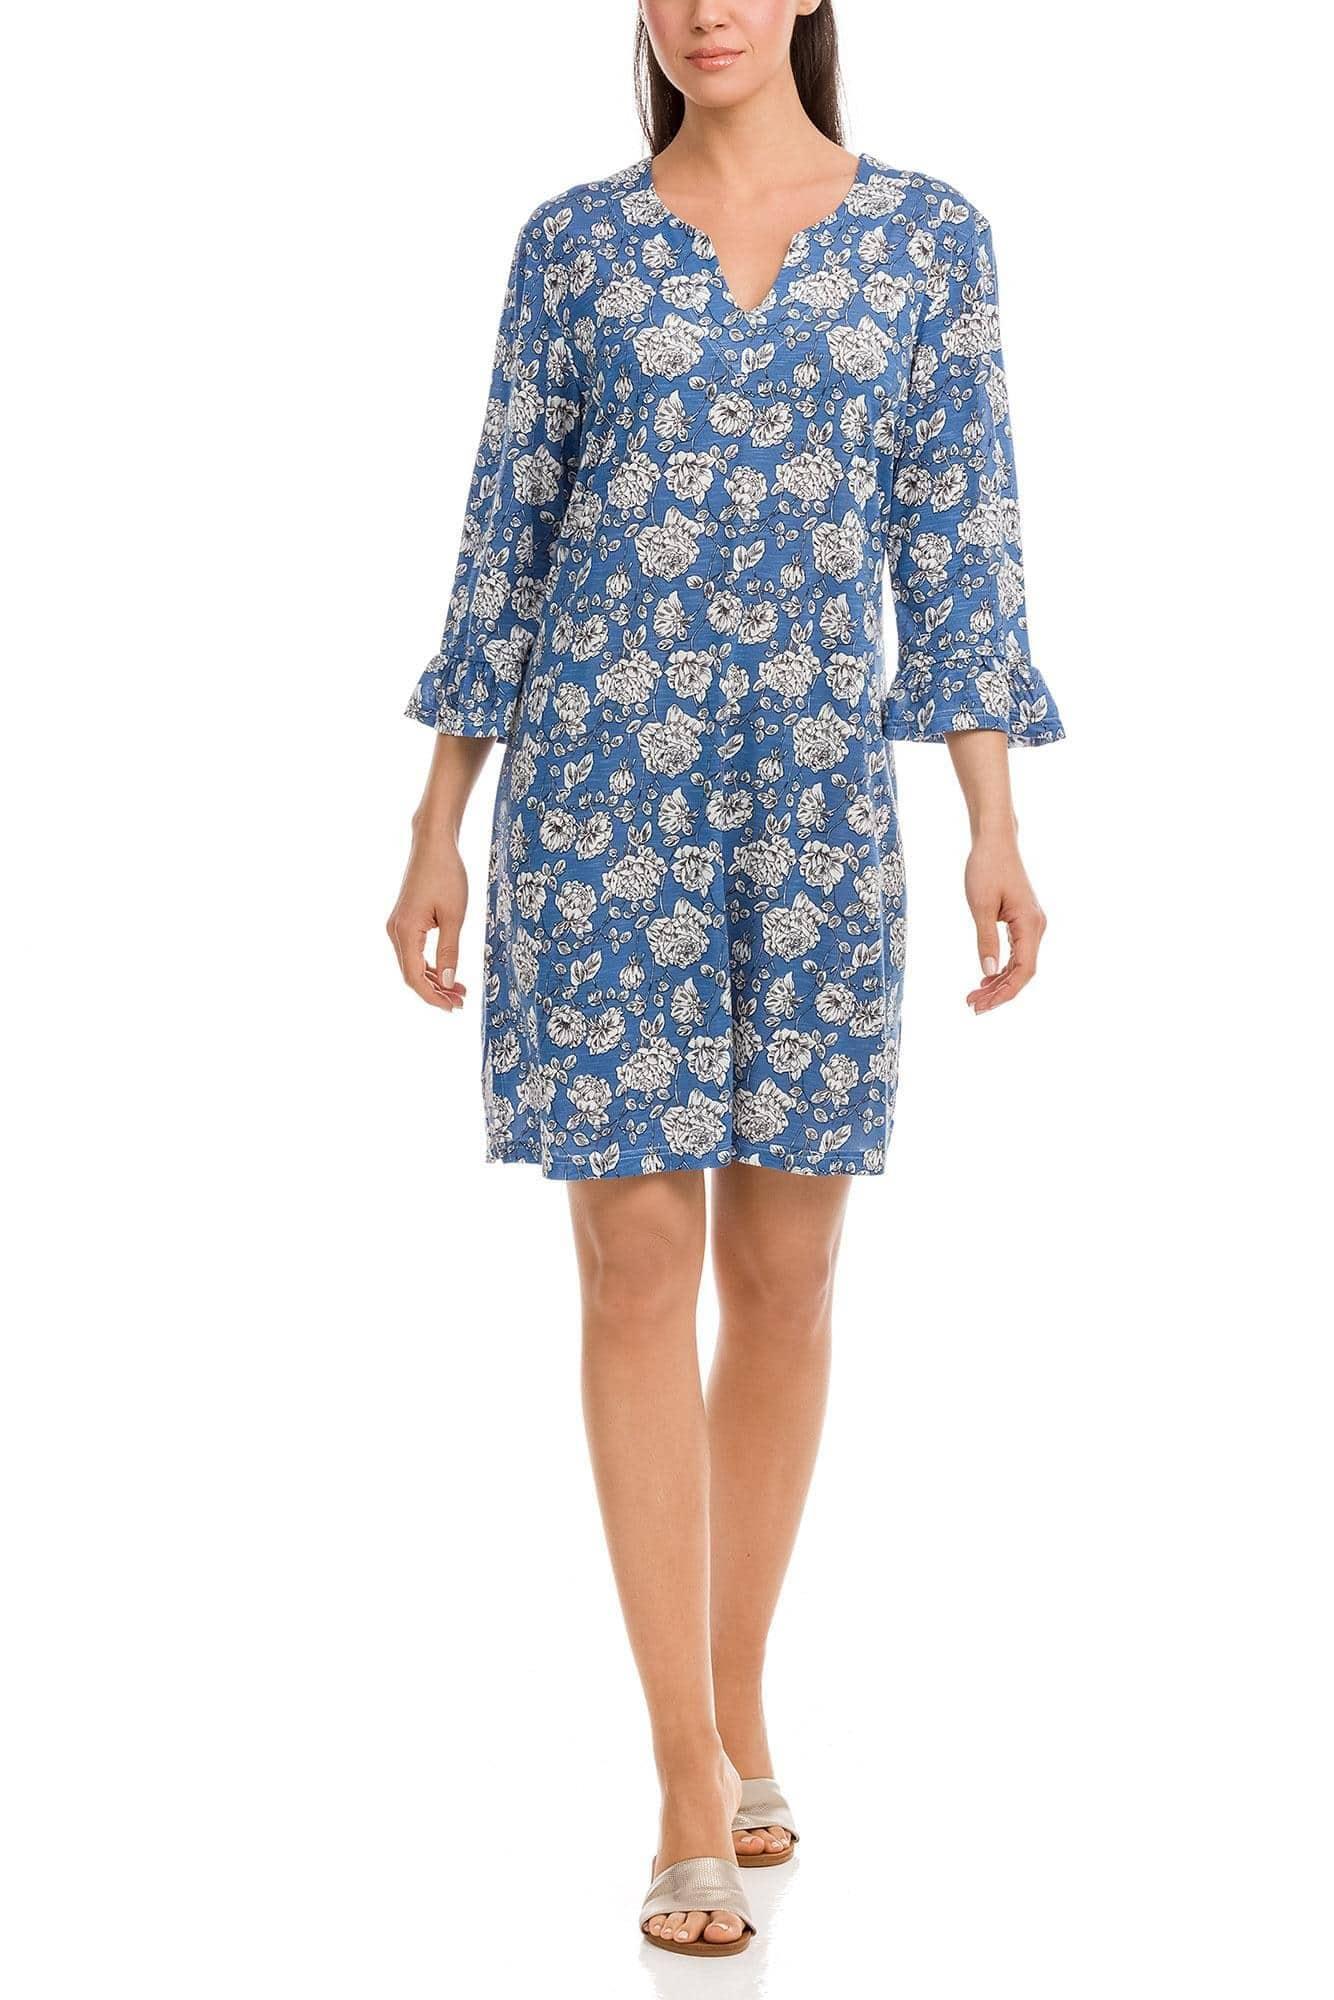 Φόρεμα Θαλάσσης Φλοράλ Plus Size